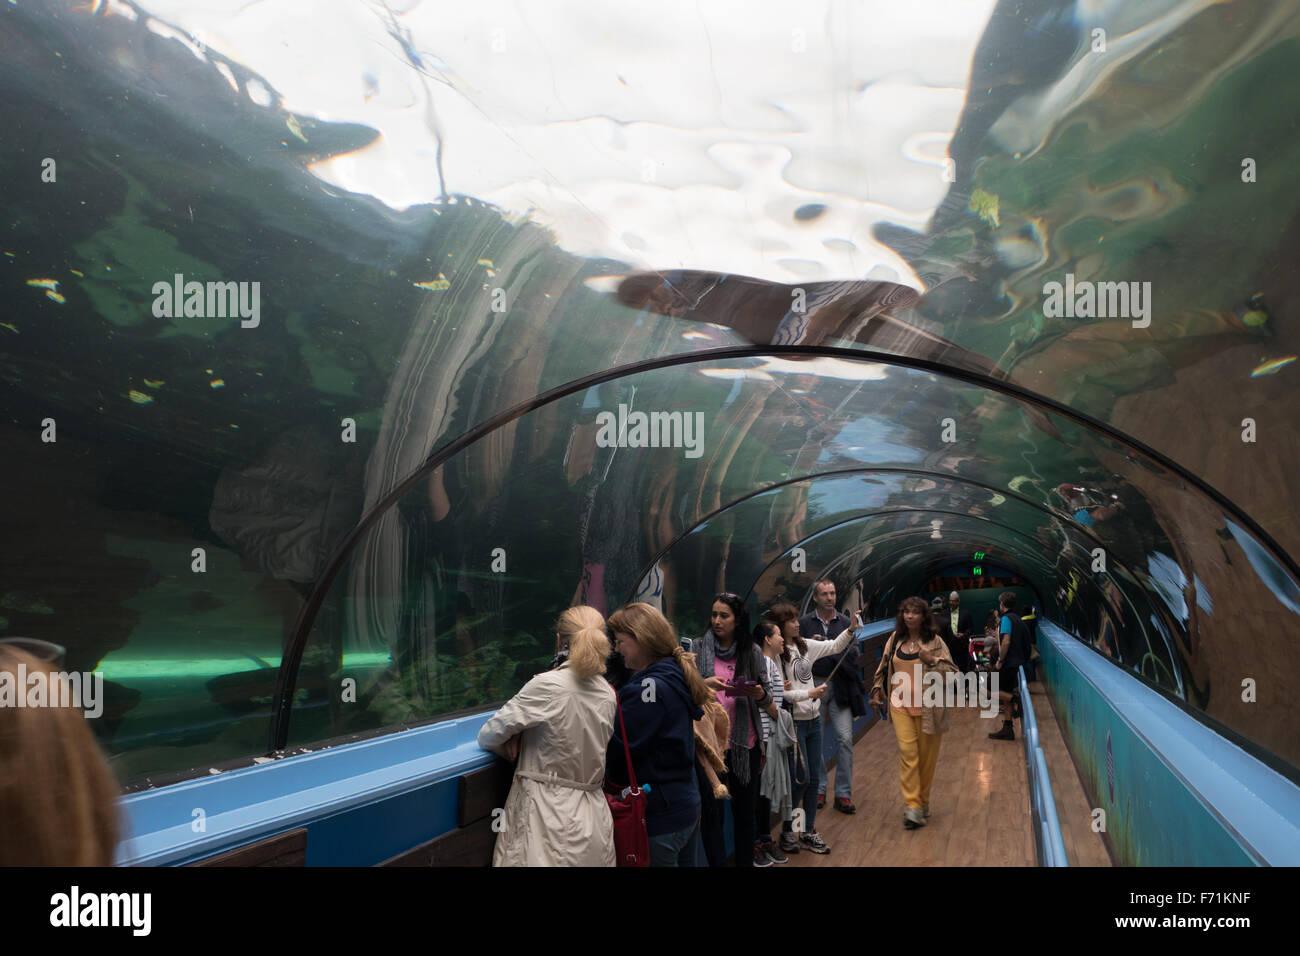 sea life sydney aquarium people - Stock Image